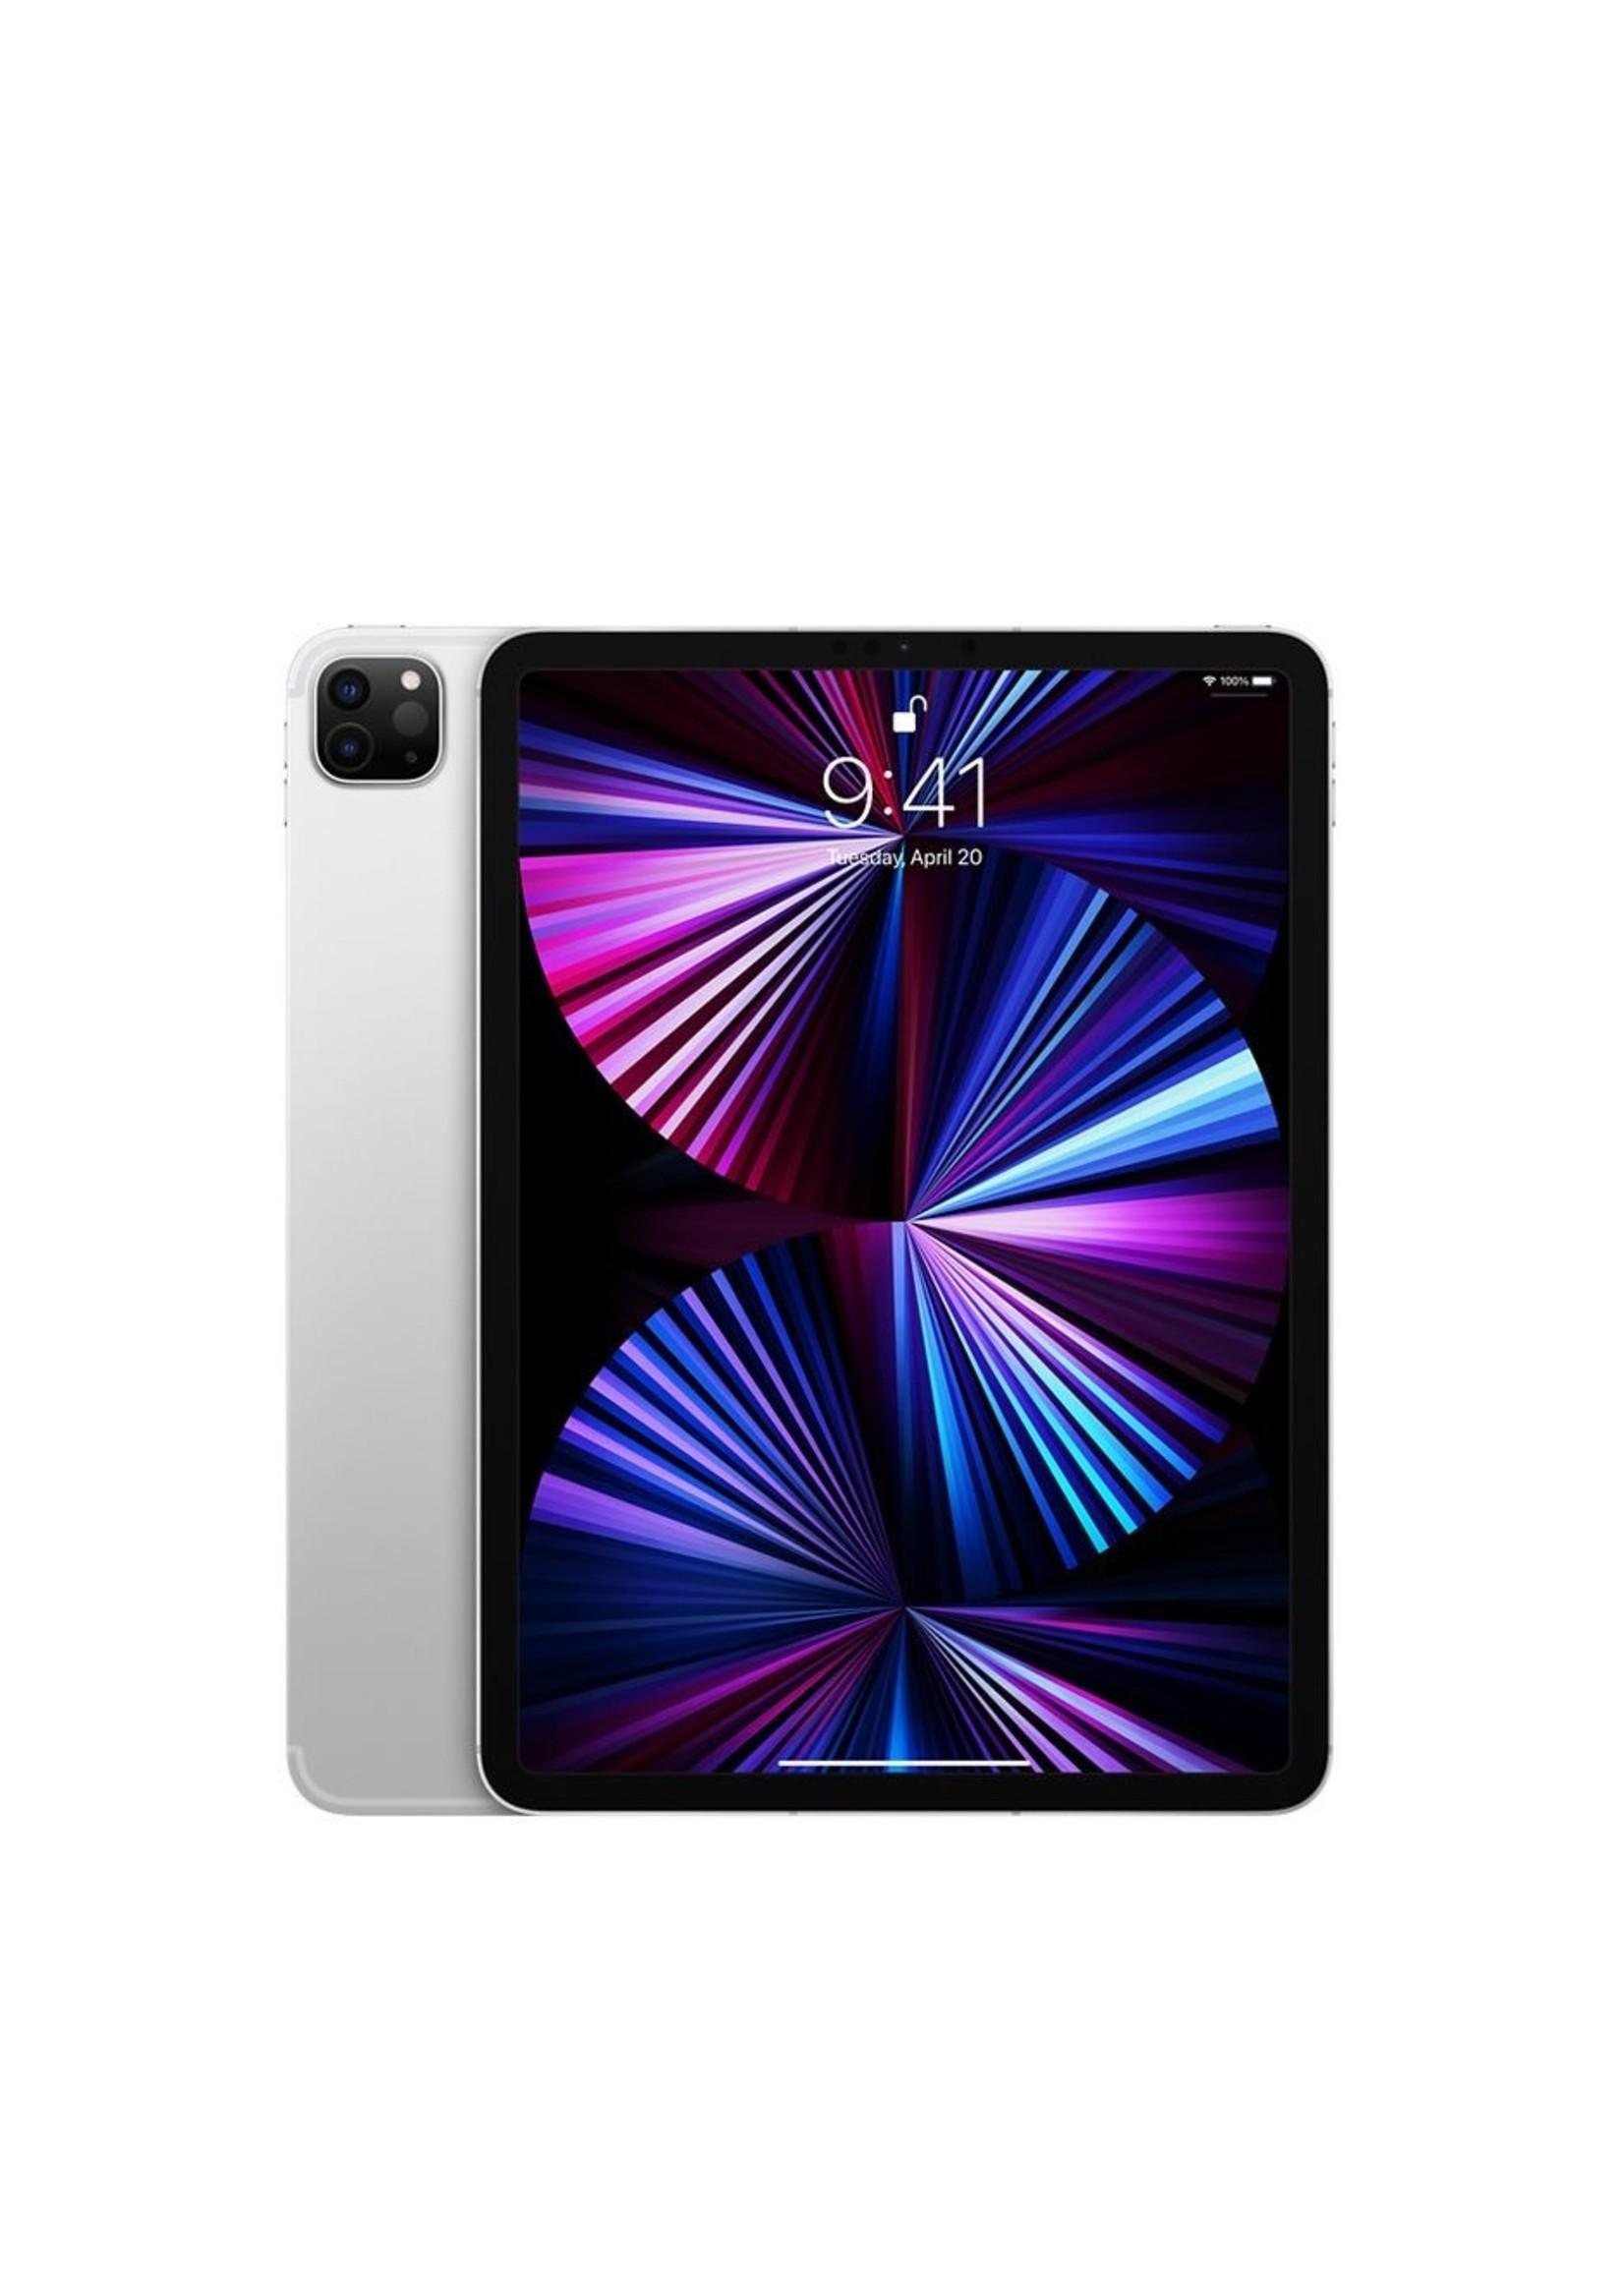 Apple iPad Pro 12.9-inch Wi-Fi 128GB Silver